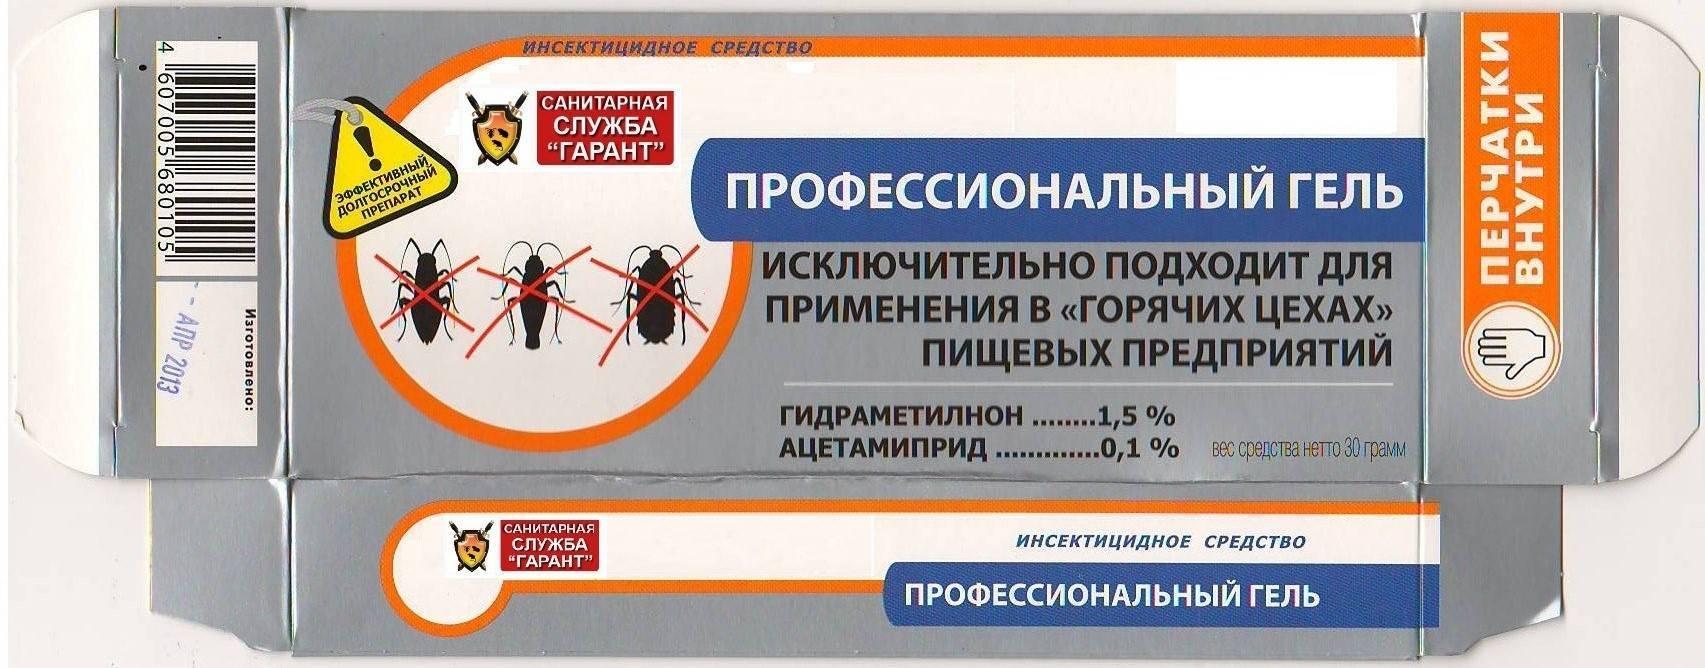 10 самых эффективных средств от тараканов в квартире — самый полный обзор и советы по использованию